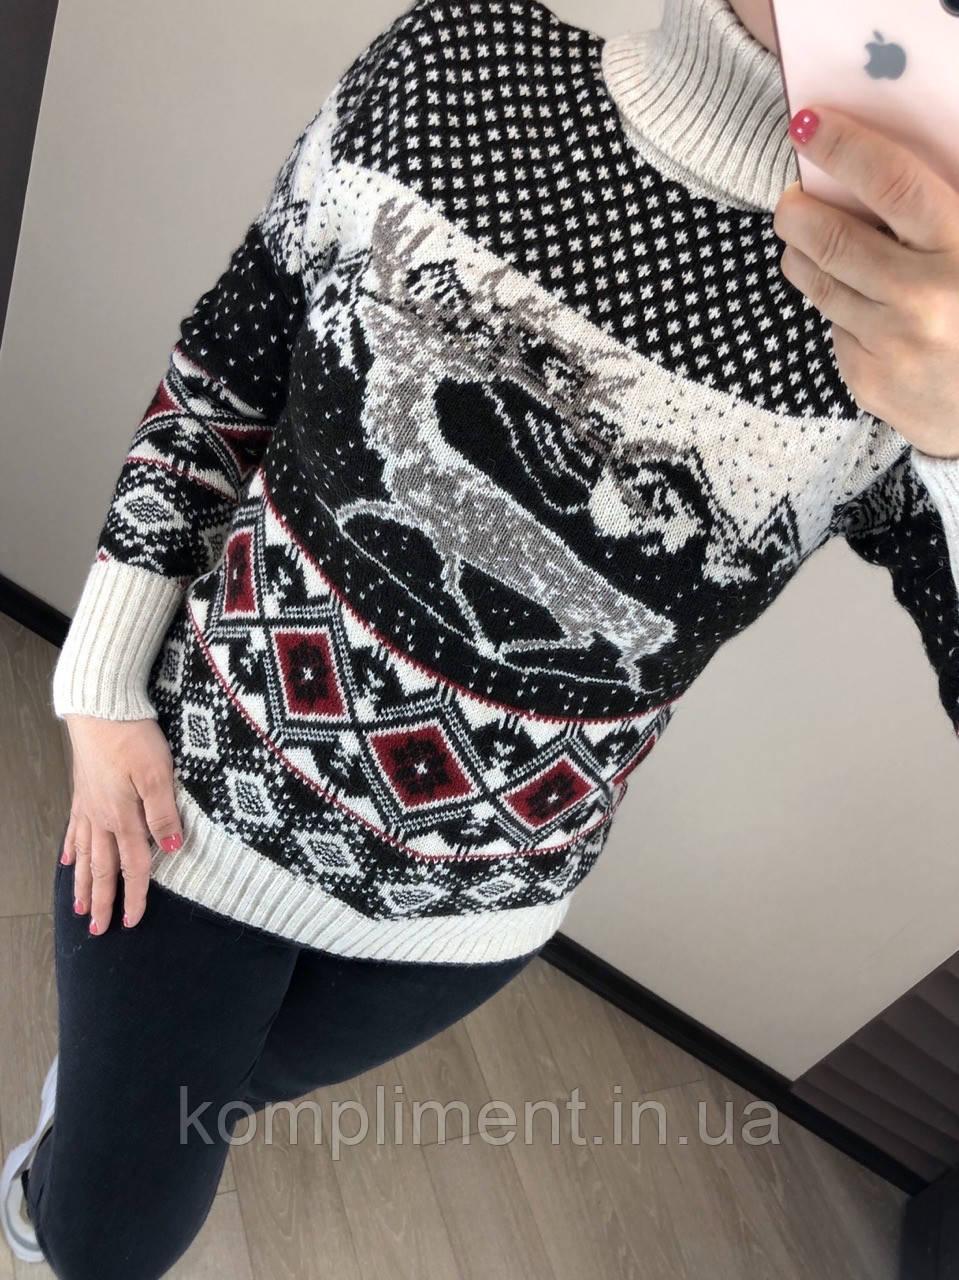 Вовняний турецький в'язаний светр з малюнком, 4633